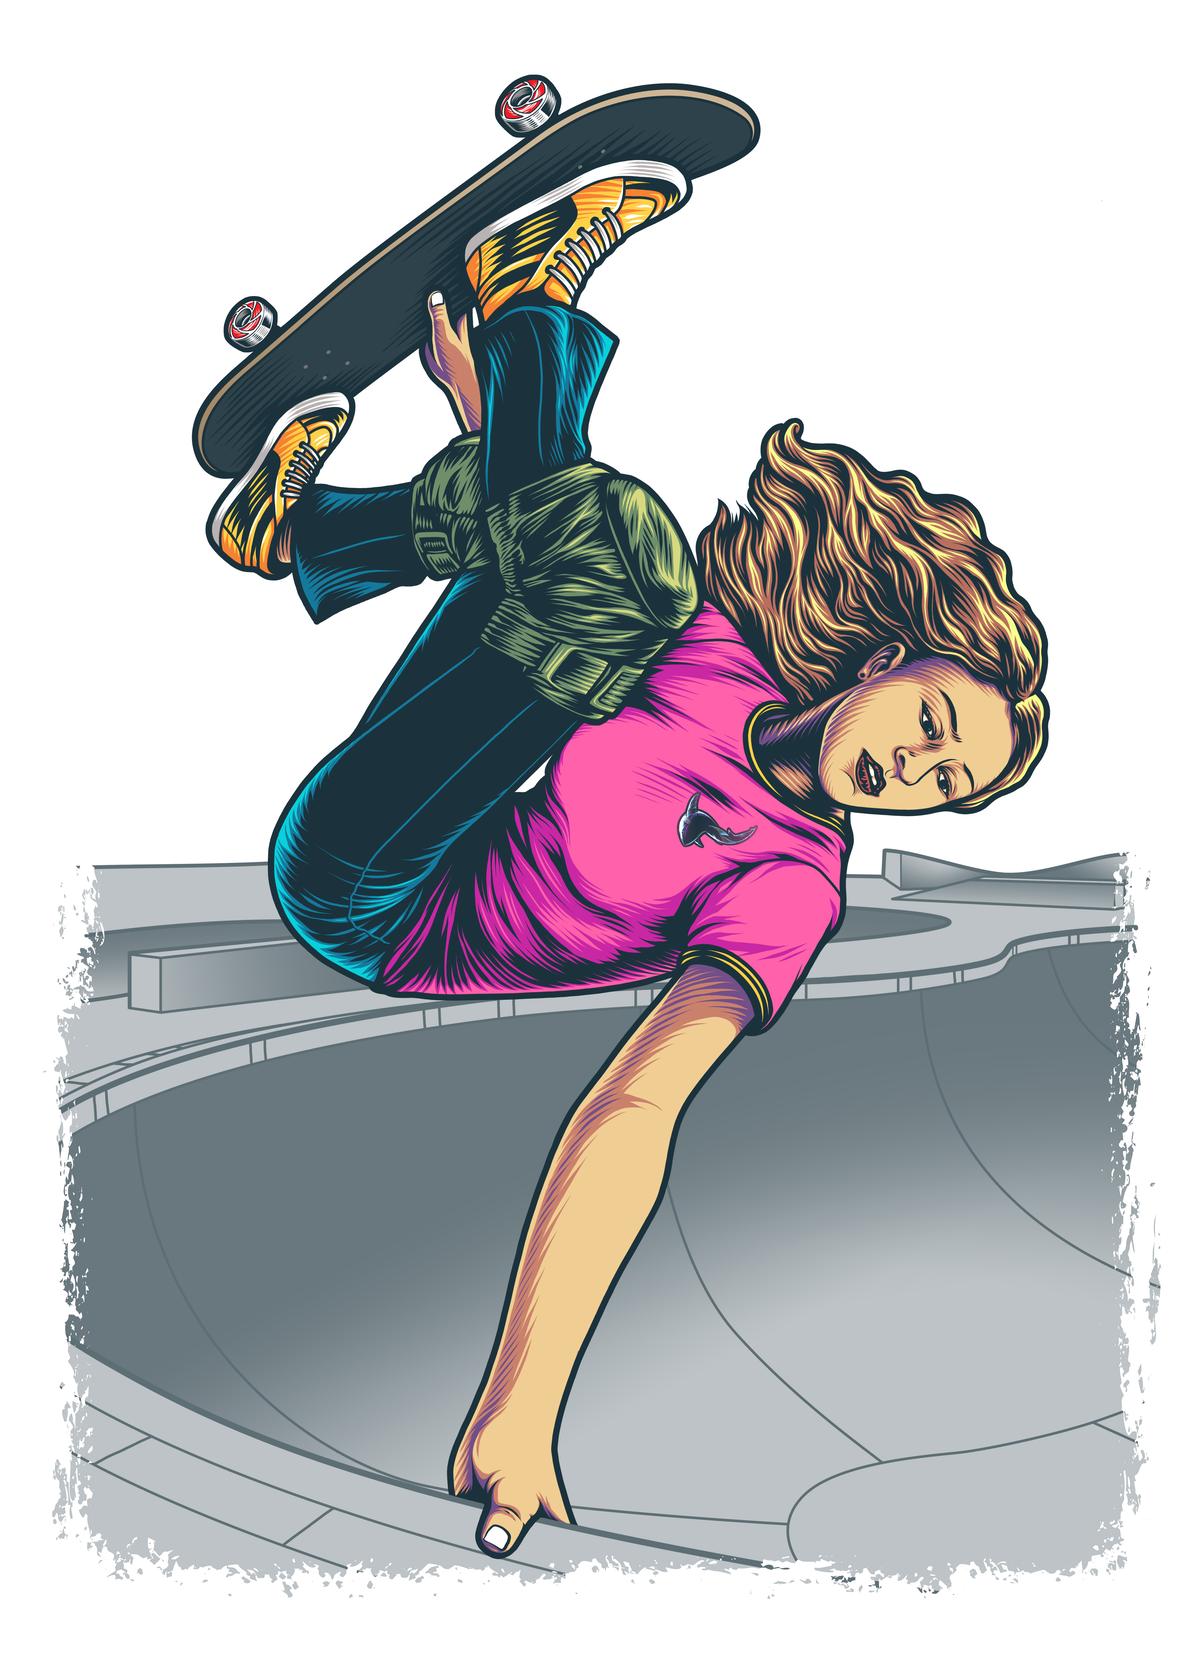 Skate logo for t-shirt